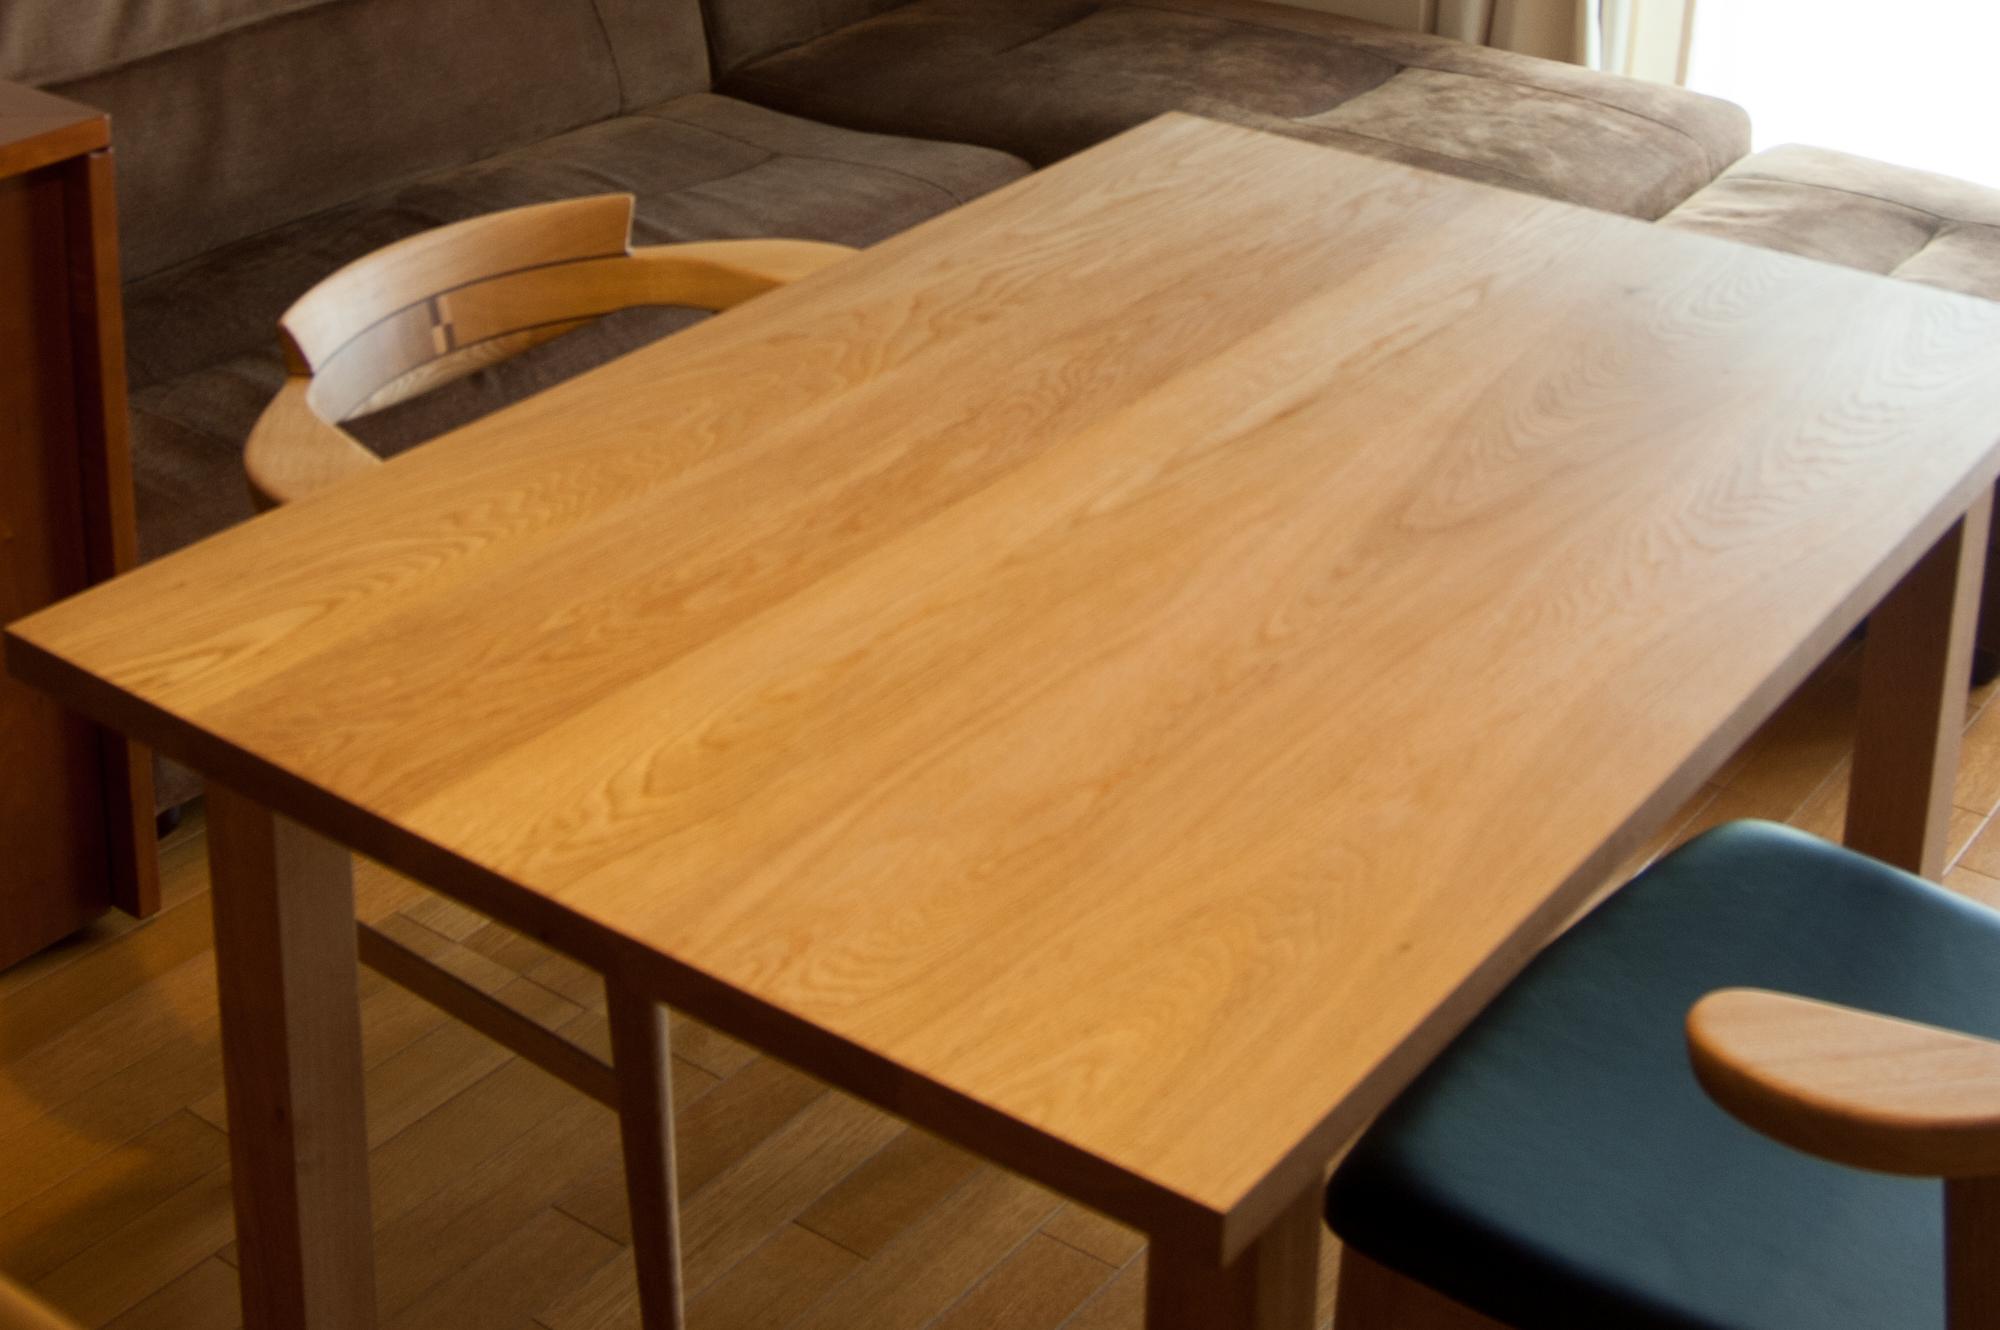 ナラ材 無垢テーブルと亜和座チェア ご納品の様子